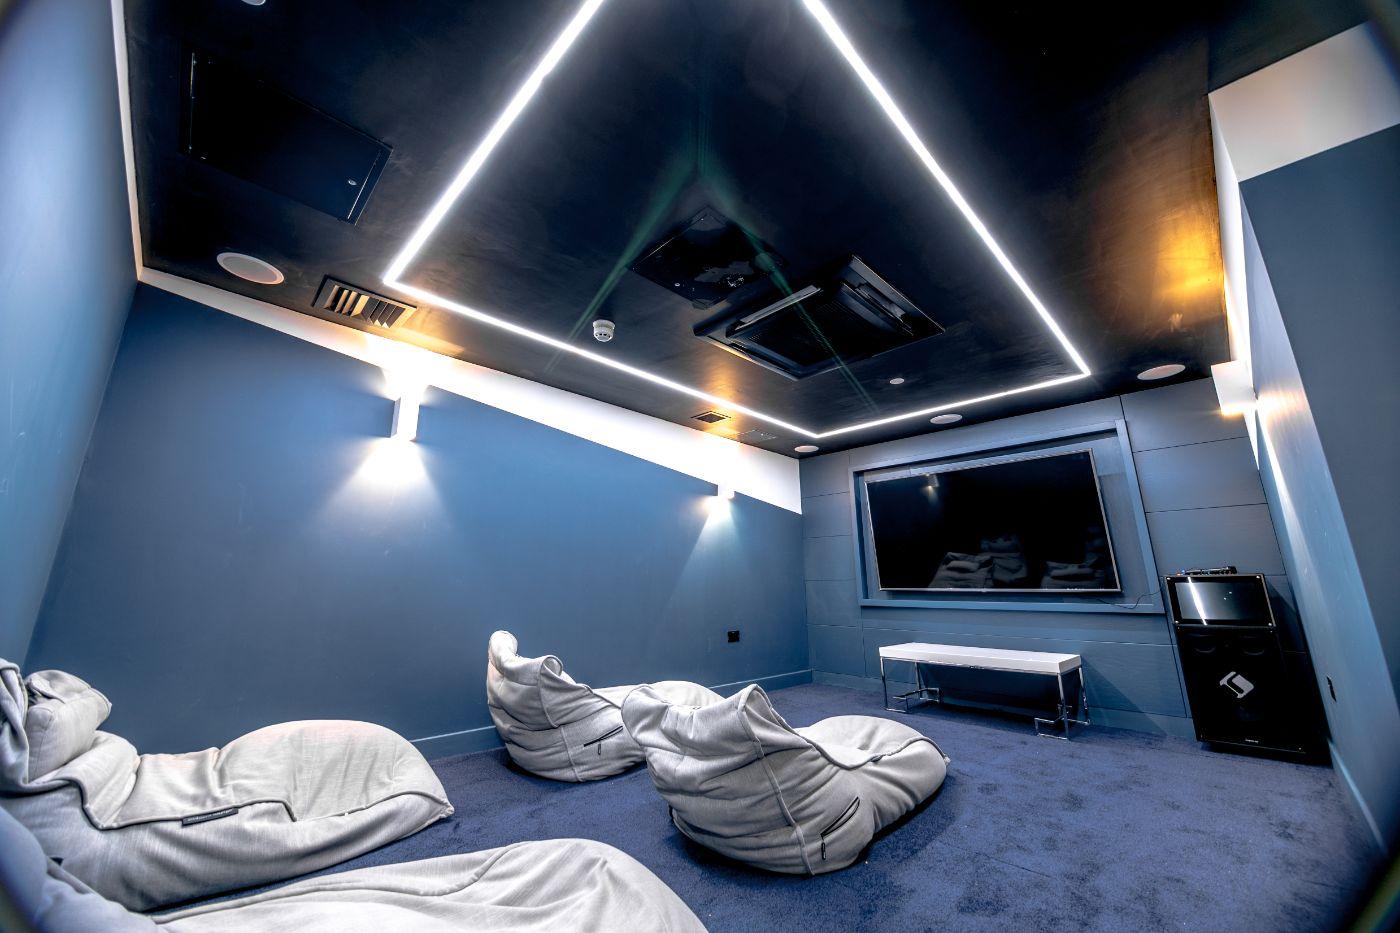 33 Parkside student accommodation cinema 2